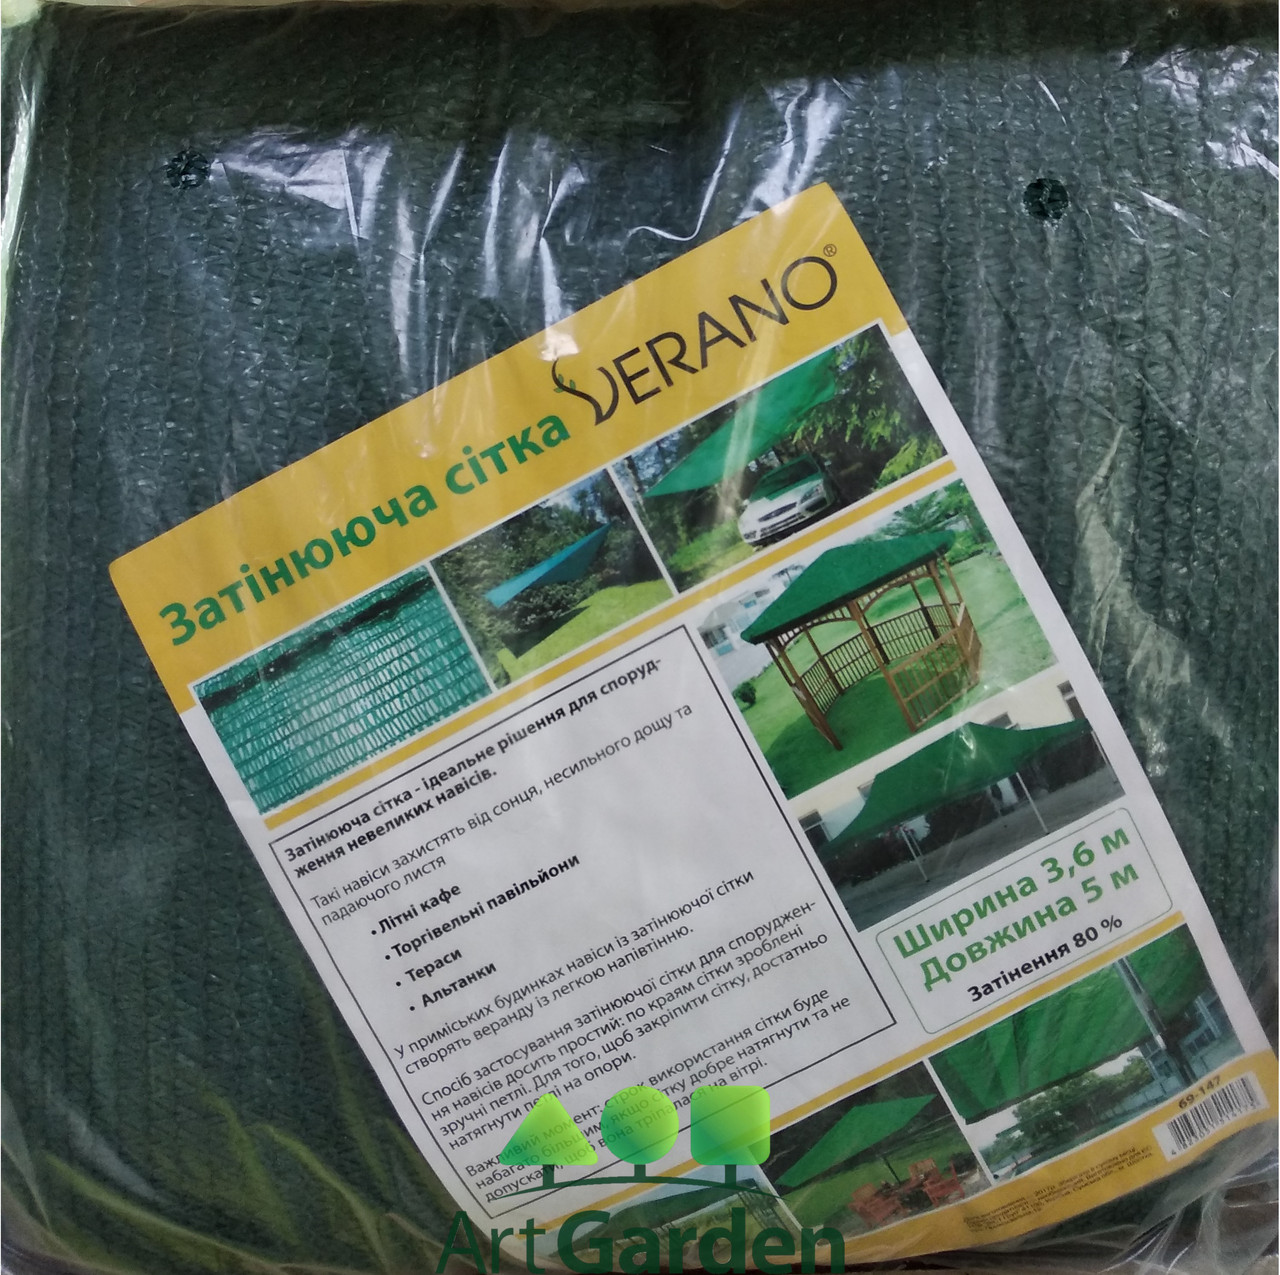 Сітка затінюють 3,6*5м, 80% VERANO